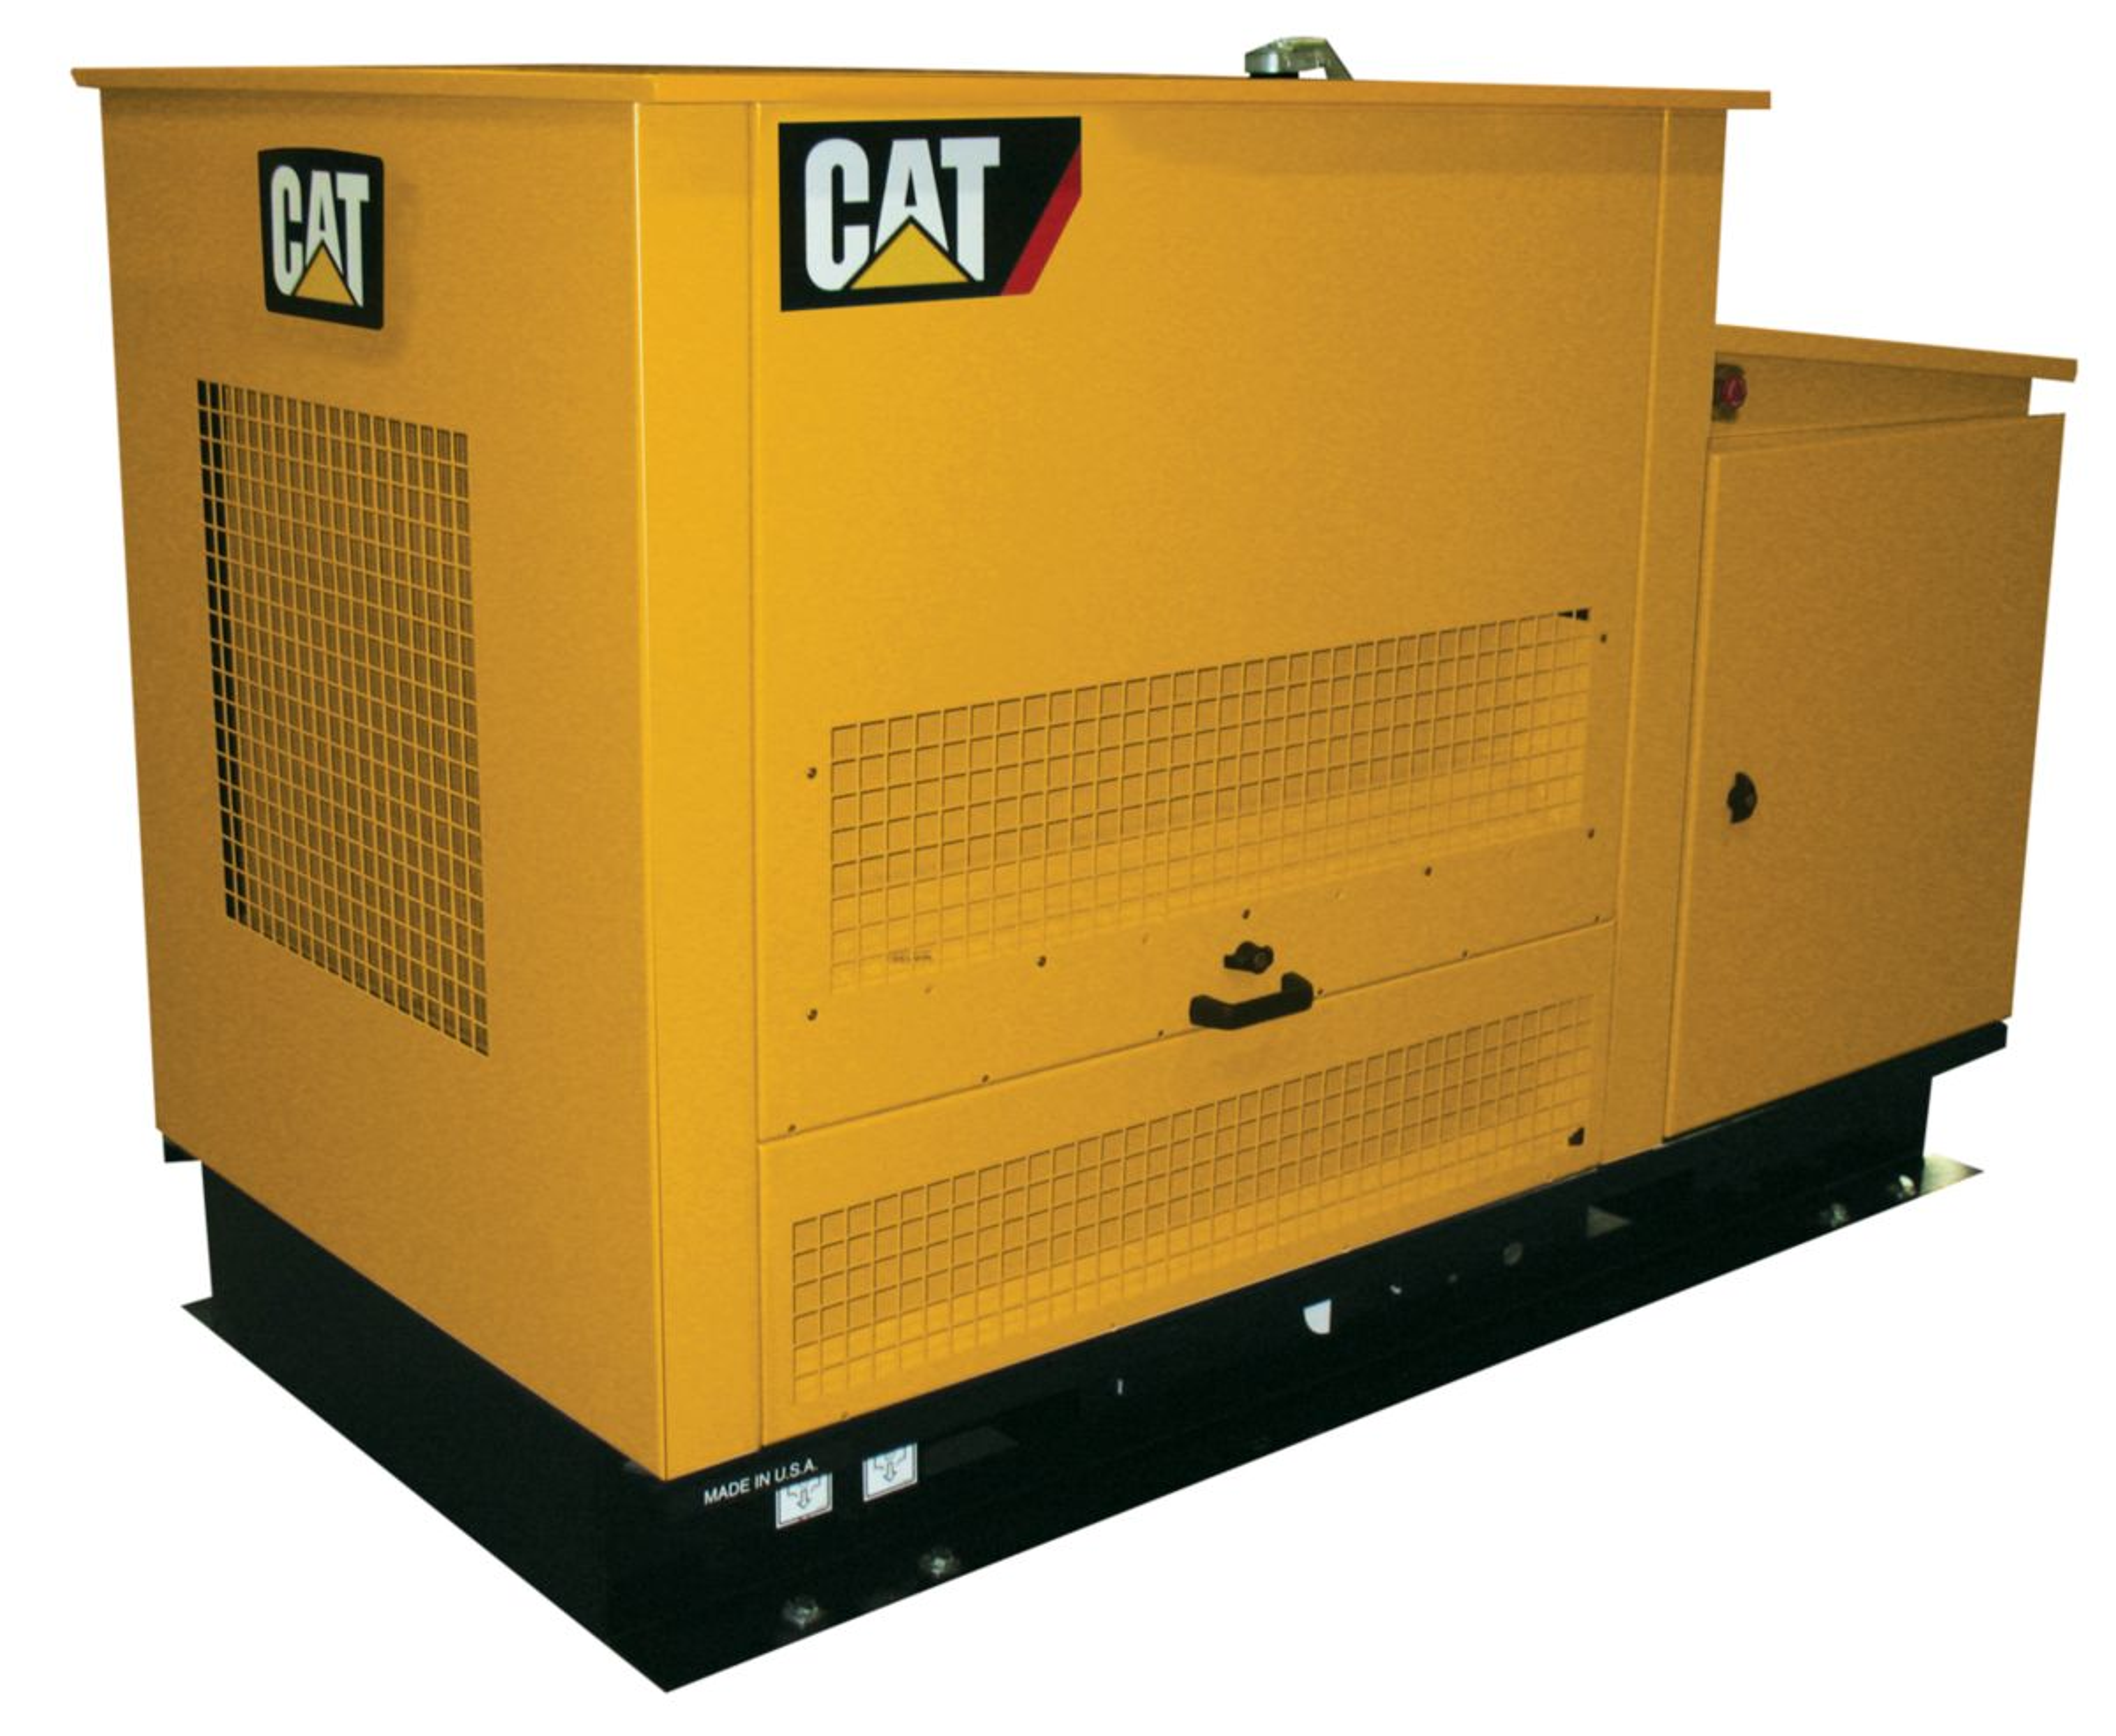 DG Series Gas Generator Set